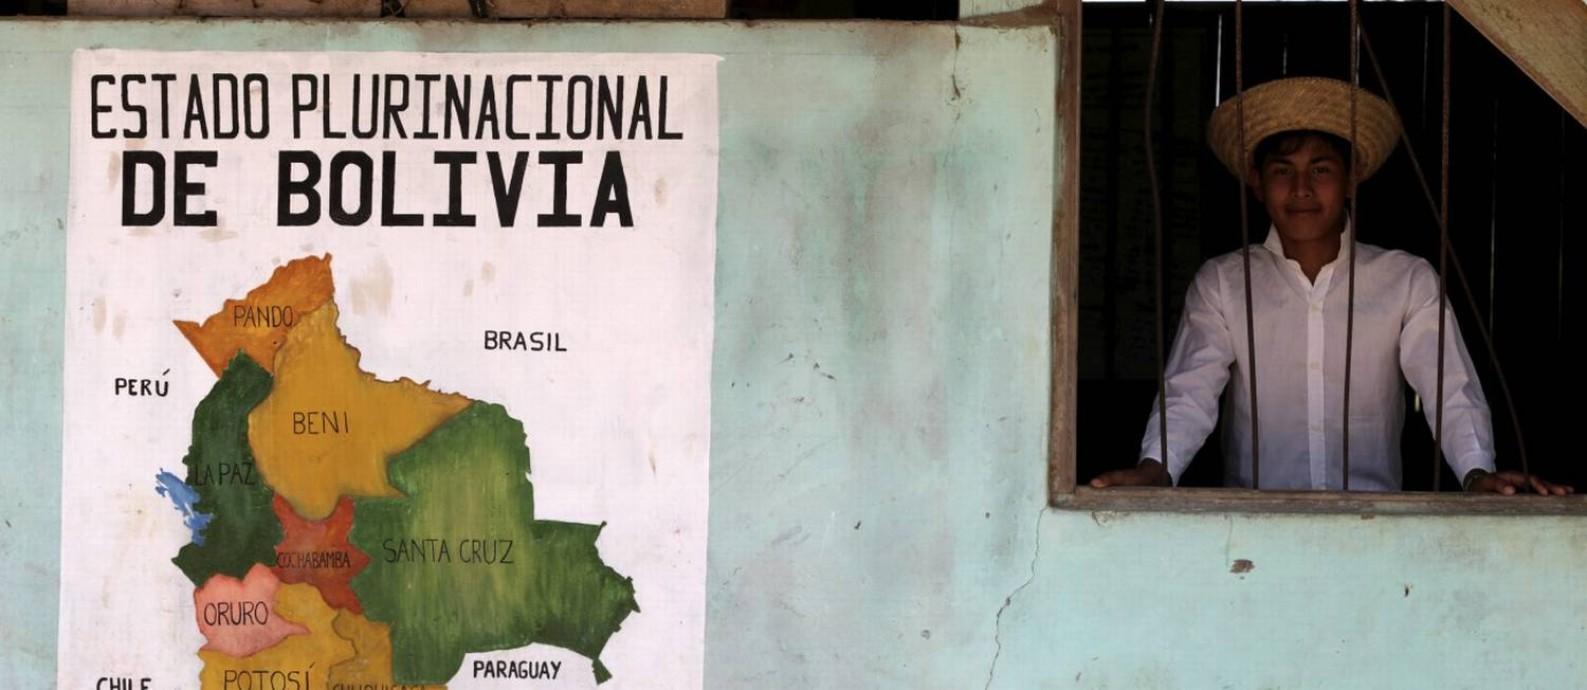 Oficialmente chamada de Estado Plurinacional da Bolívia reúne diferentes culturas e línguas indígenas Foto: Domingos Peixoto / Agência O Globo